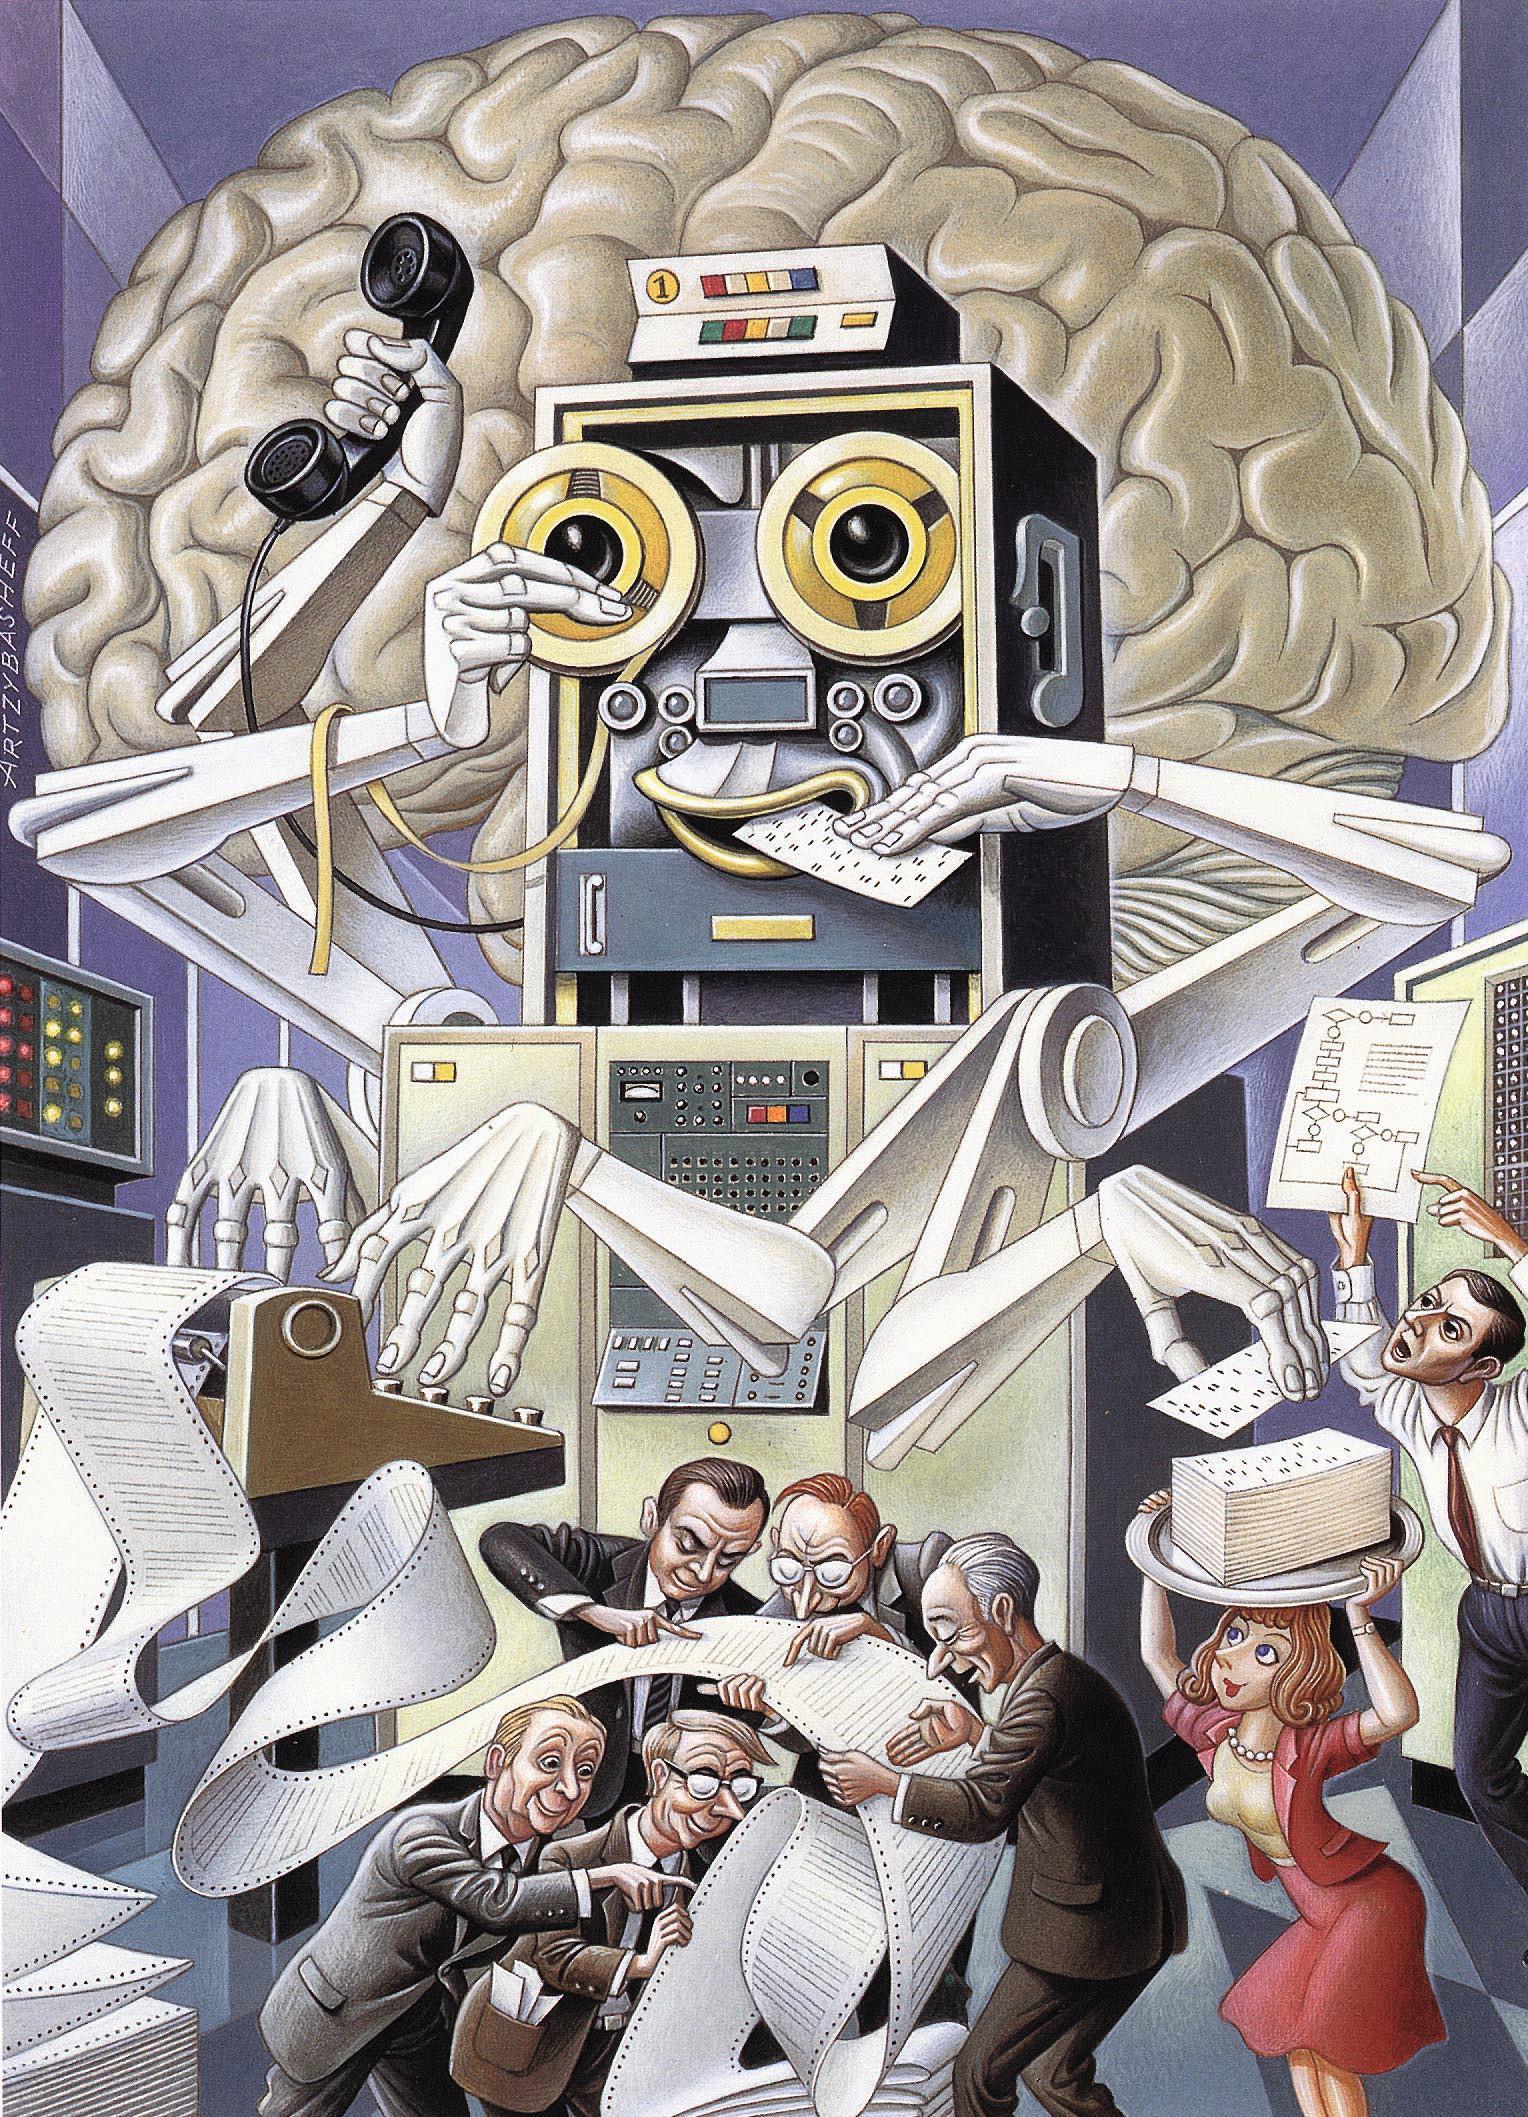 Visions de l'avenir, illustration, années 1950, États-Unis.